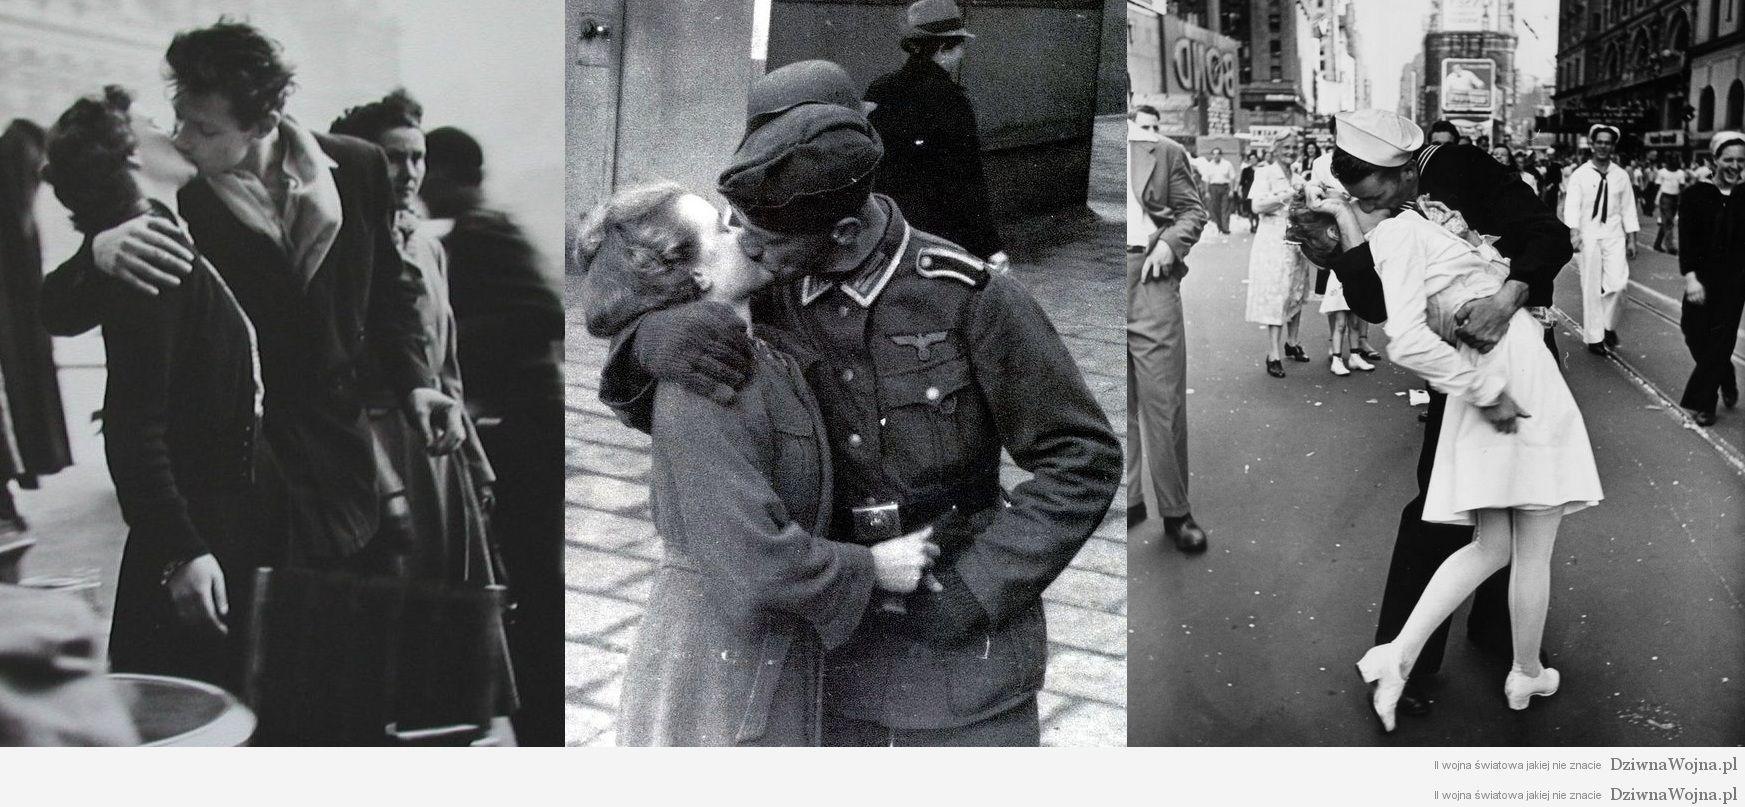 wojna i miłość